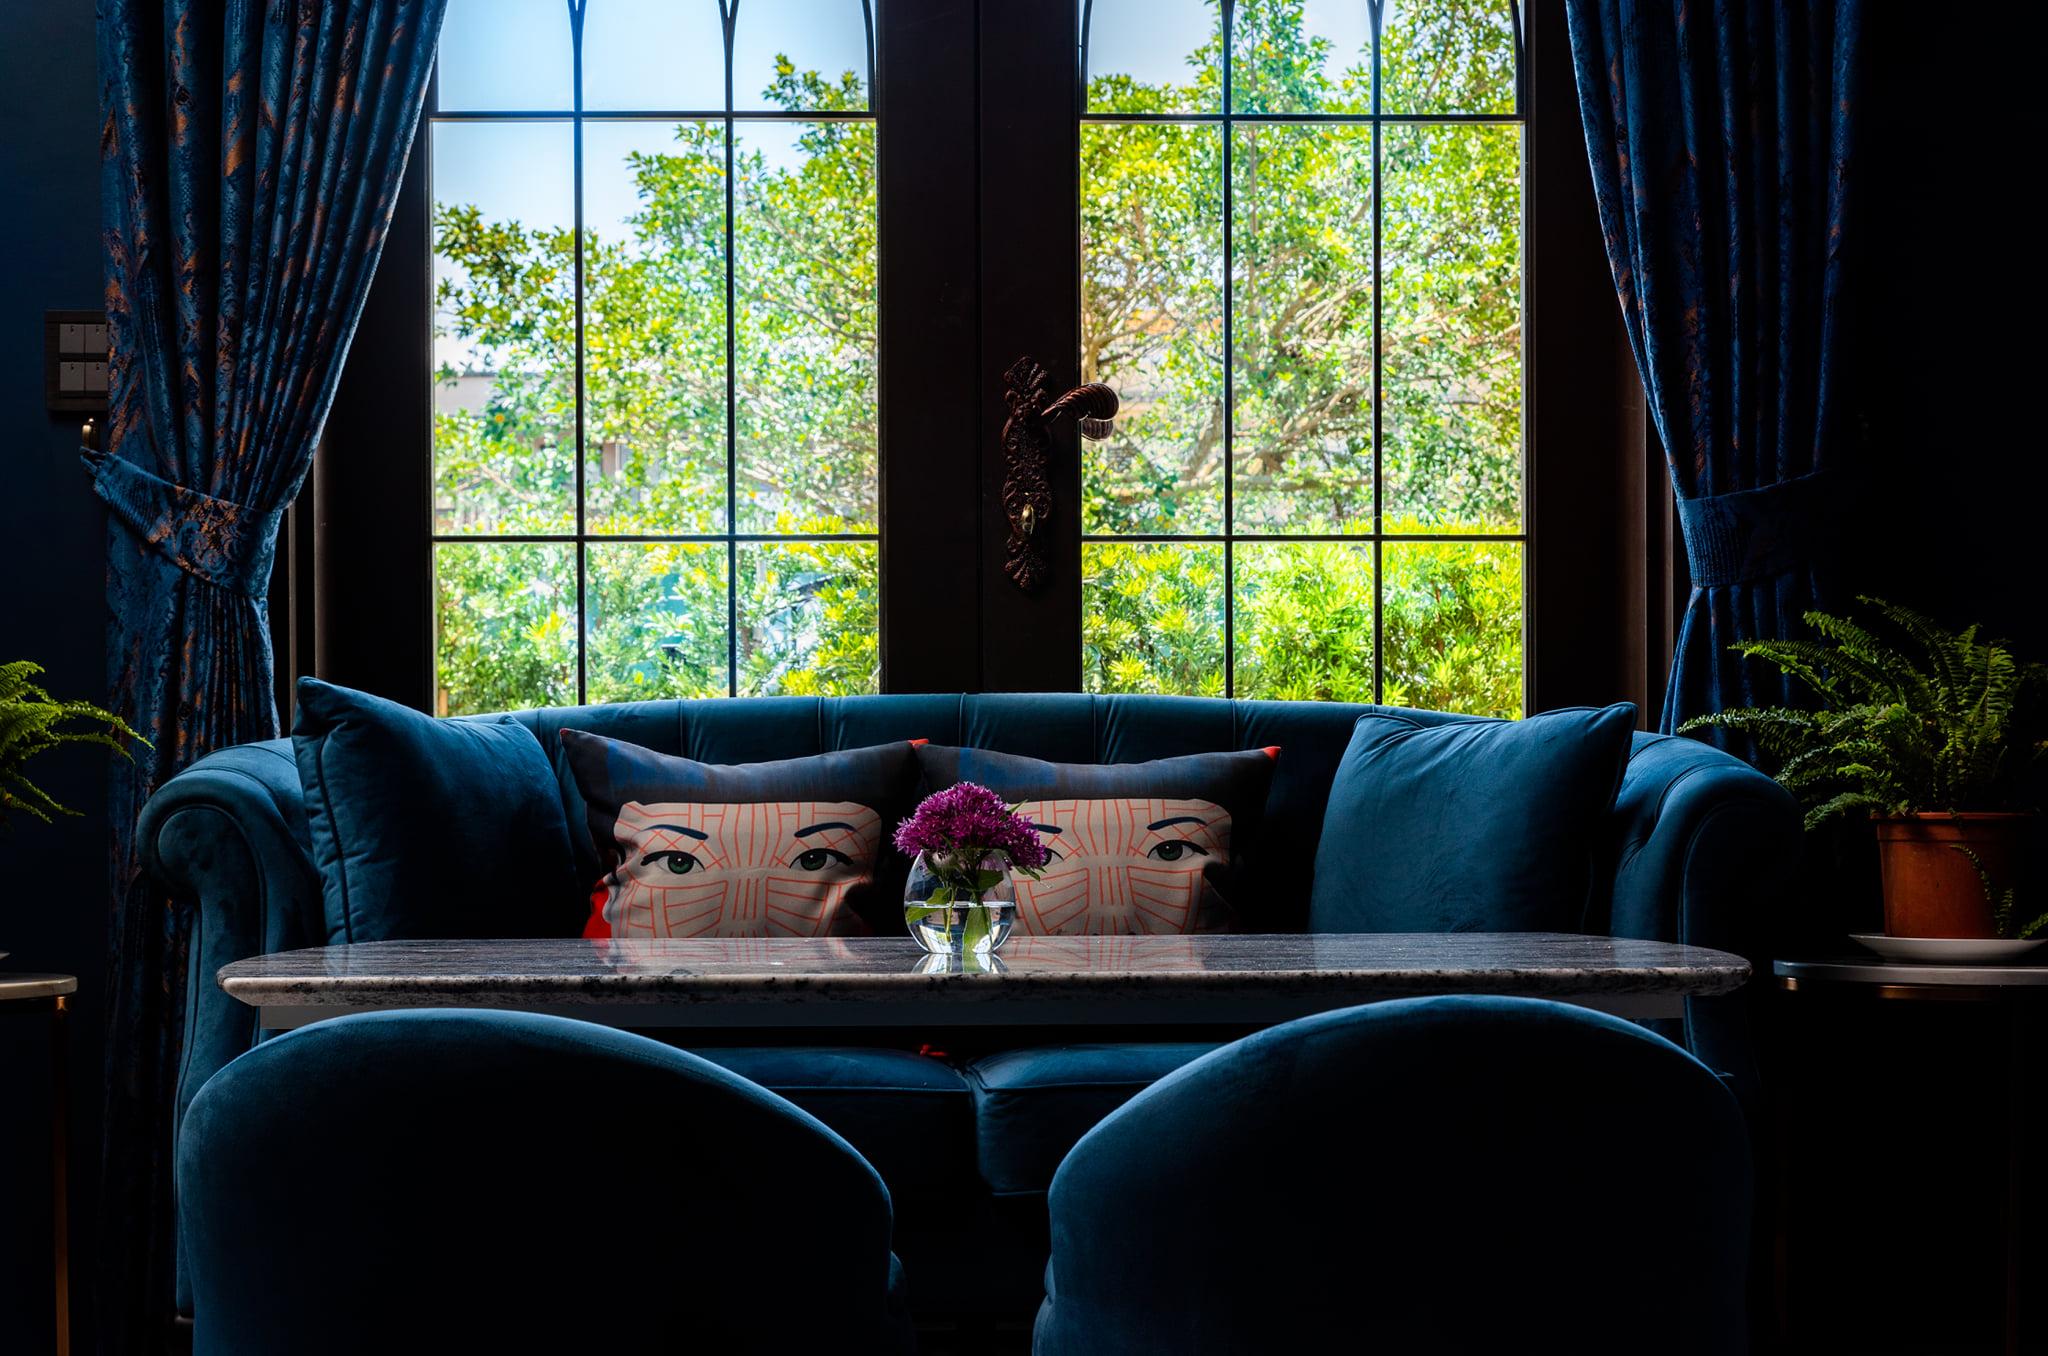 奧莉薇雅生活小酒店,宜蘭民宿,宜蘭住宿,宜蘭包棟民宿,宜蘭三星住宿推薦,宜蘭親子住宿,宜蘭旅店,宜蘭飯店